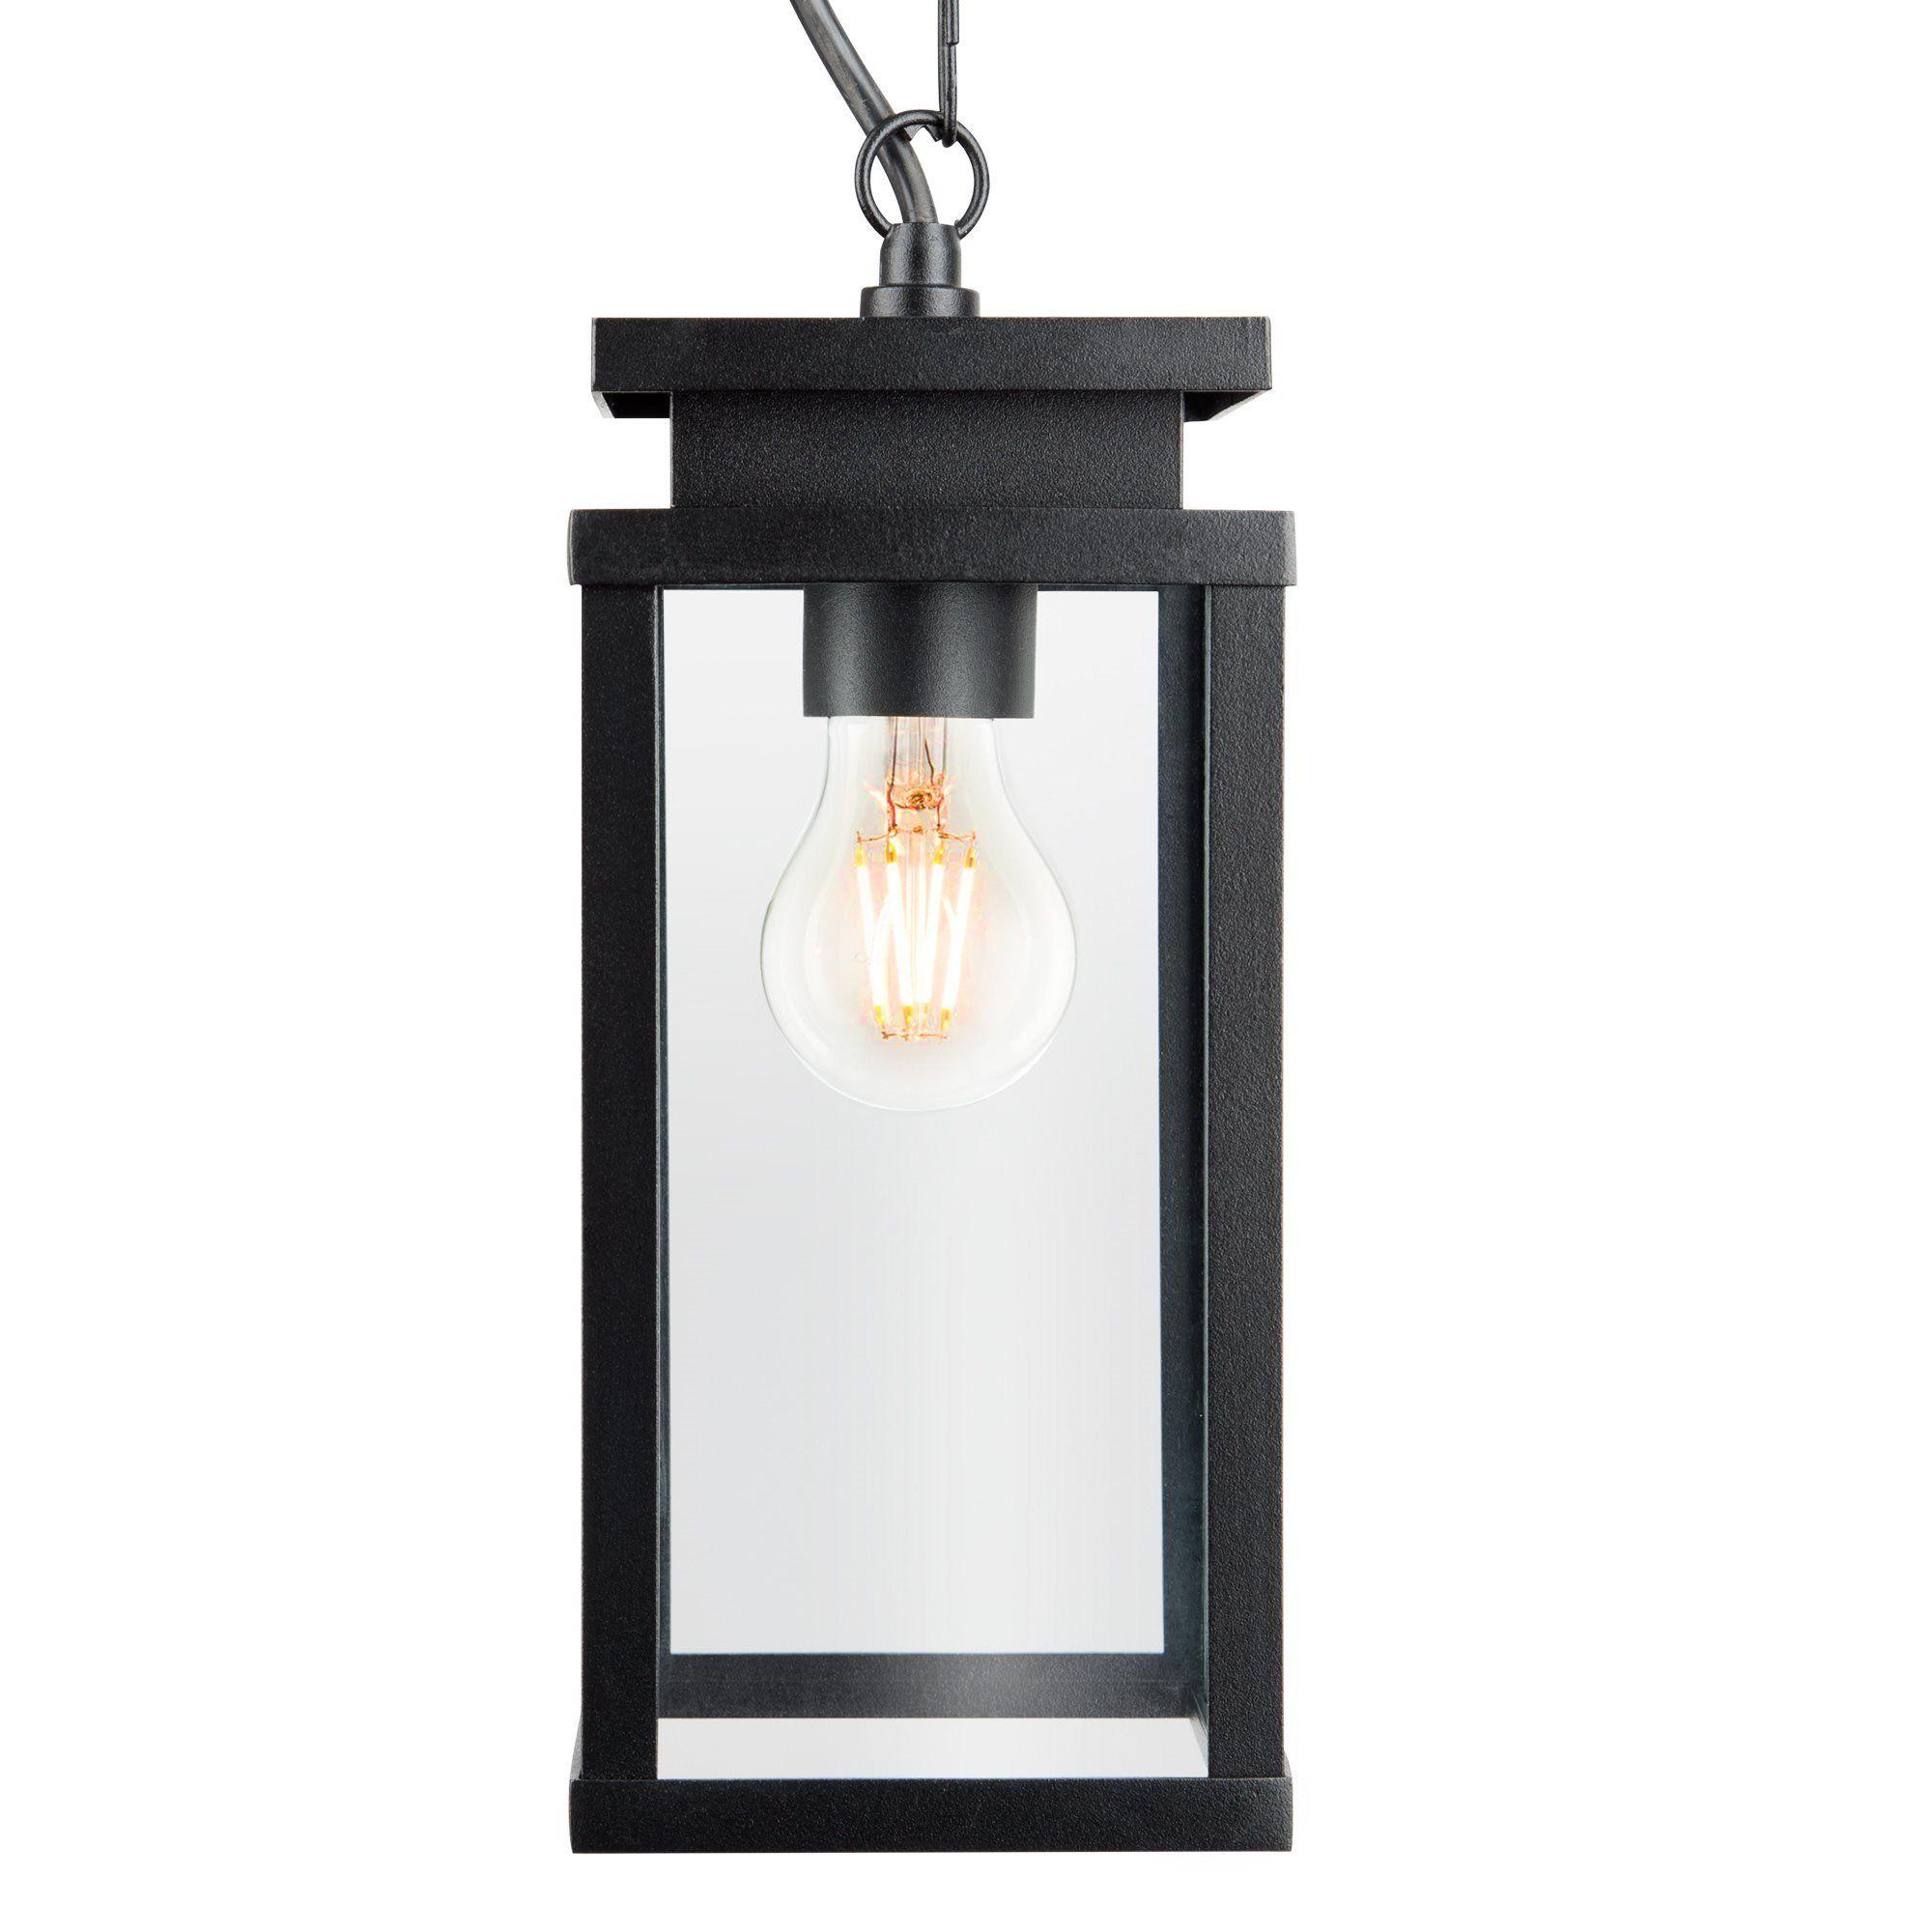 KS Verlichting buiten hanglamp Jersey Ketting - zwart